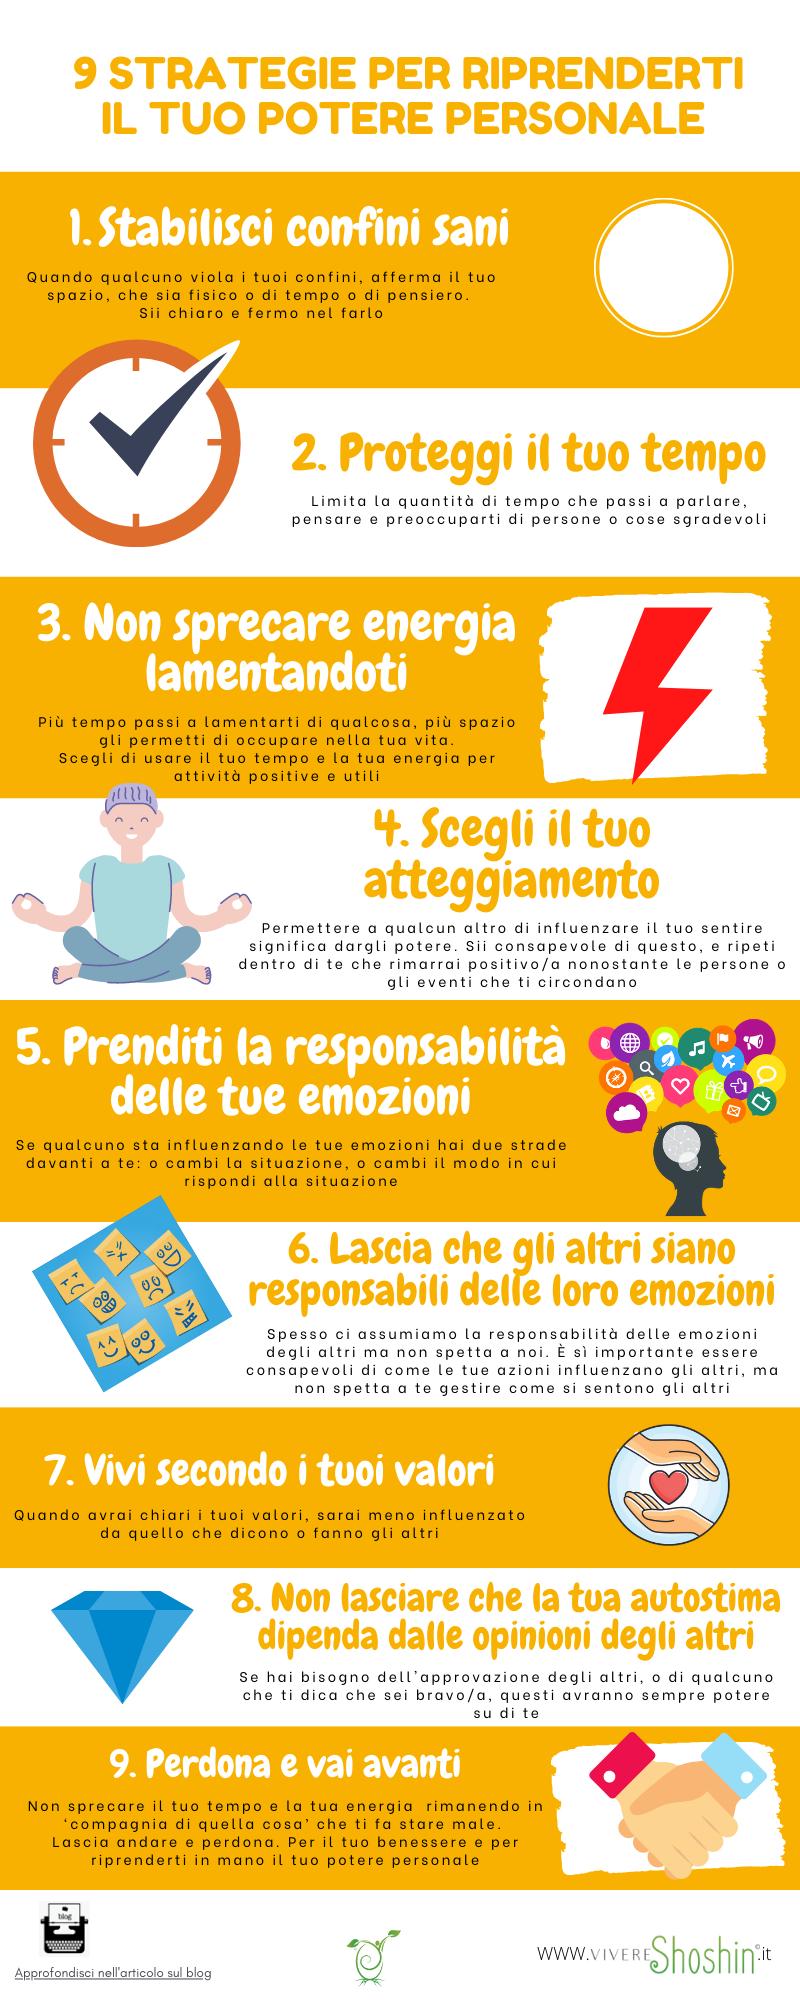 infografica strategie per riprenderti il tuo potere personale